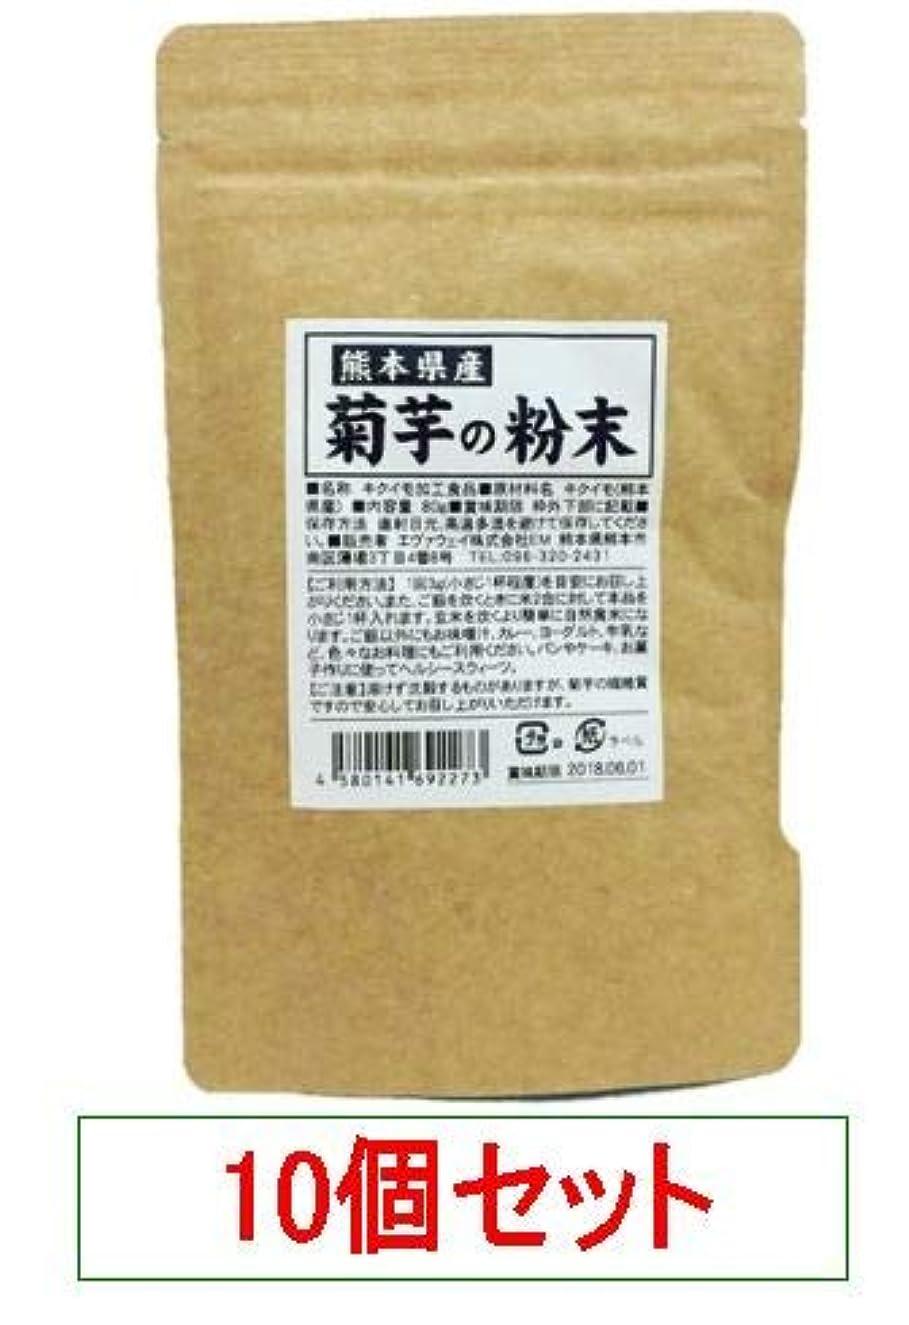 継続中復活する誠実さ熊本県産 菊芋の粉末 エヴァウェイ 80gX10個セット